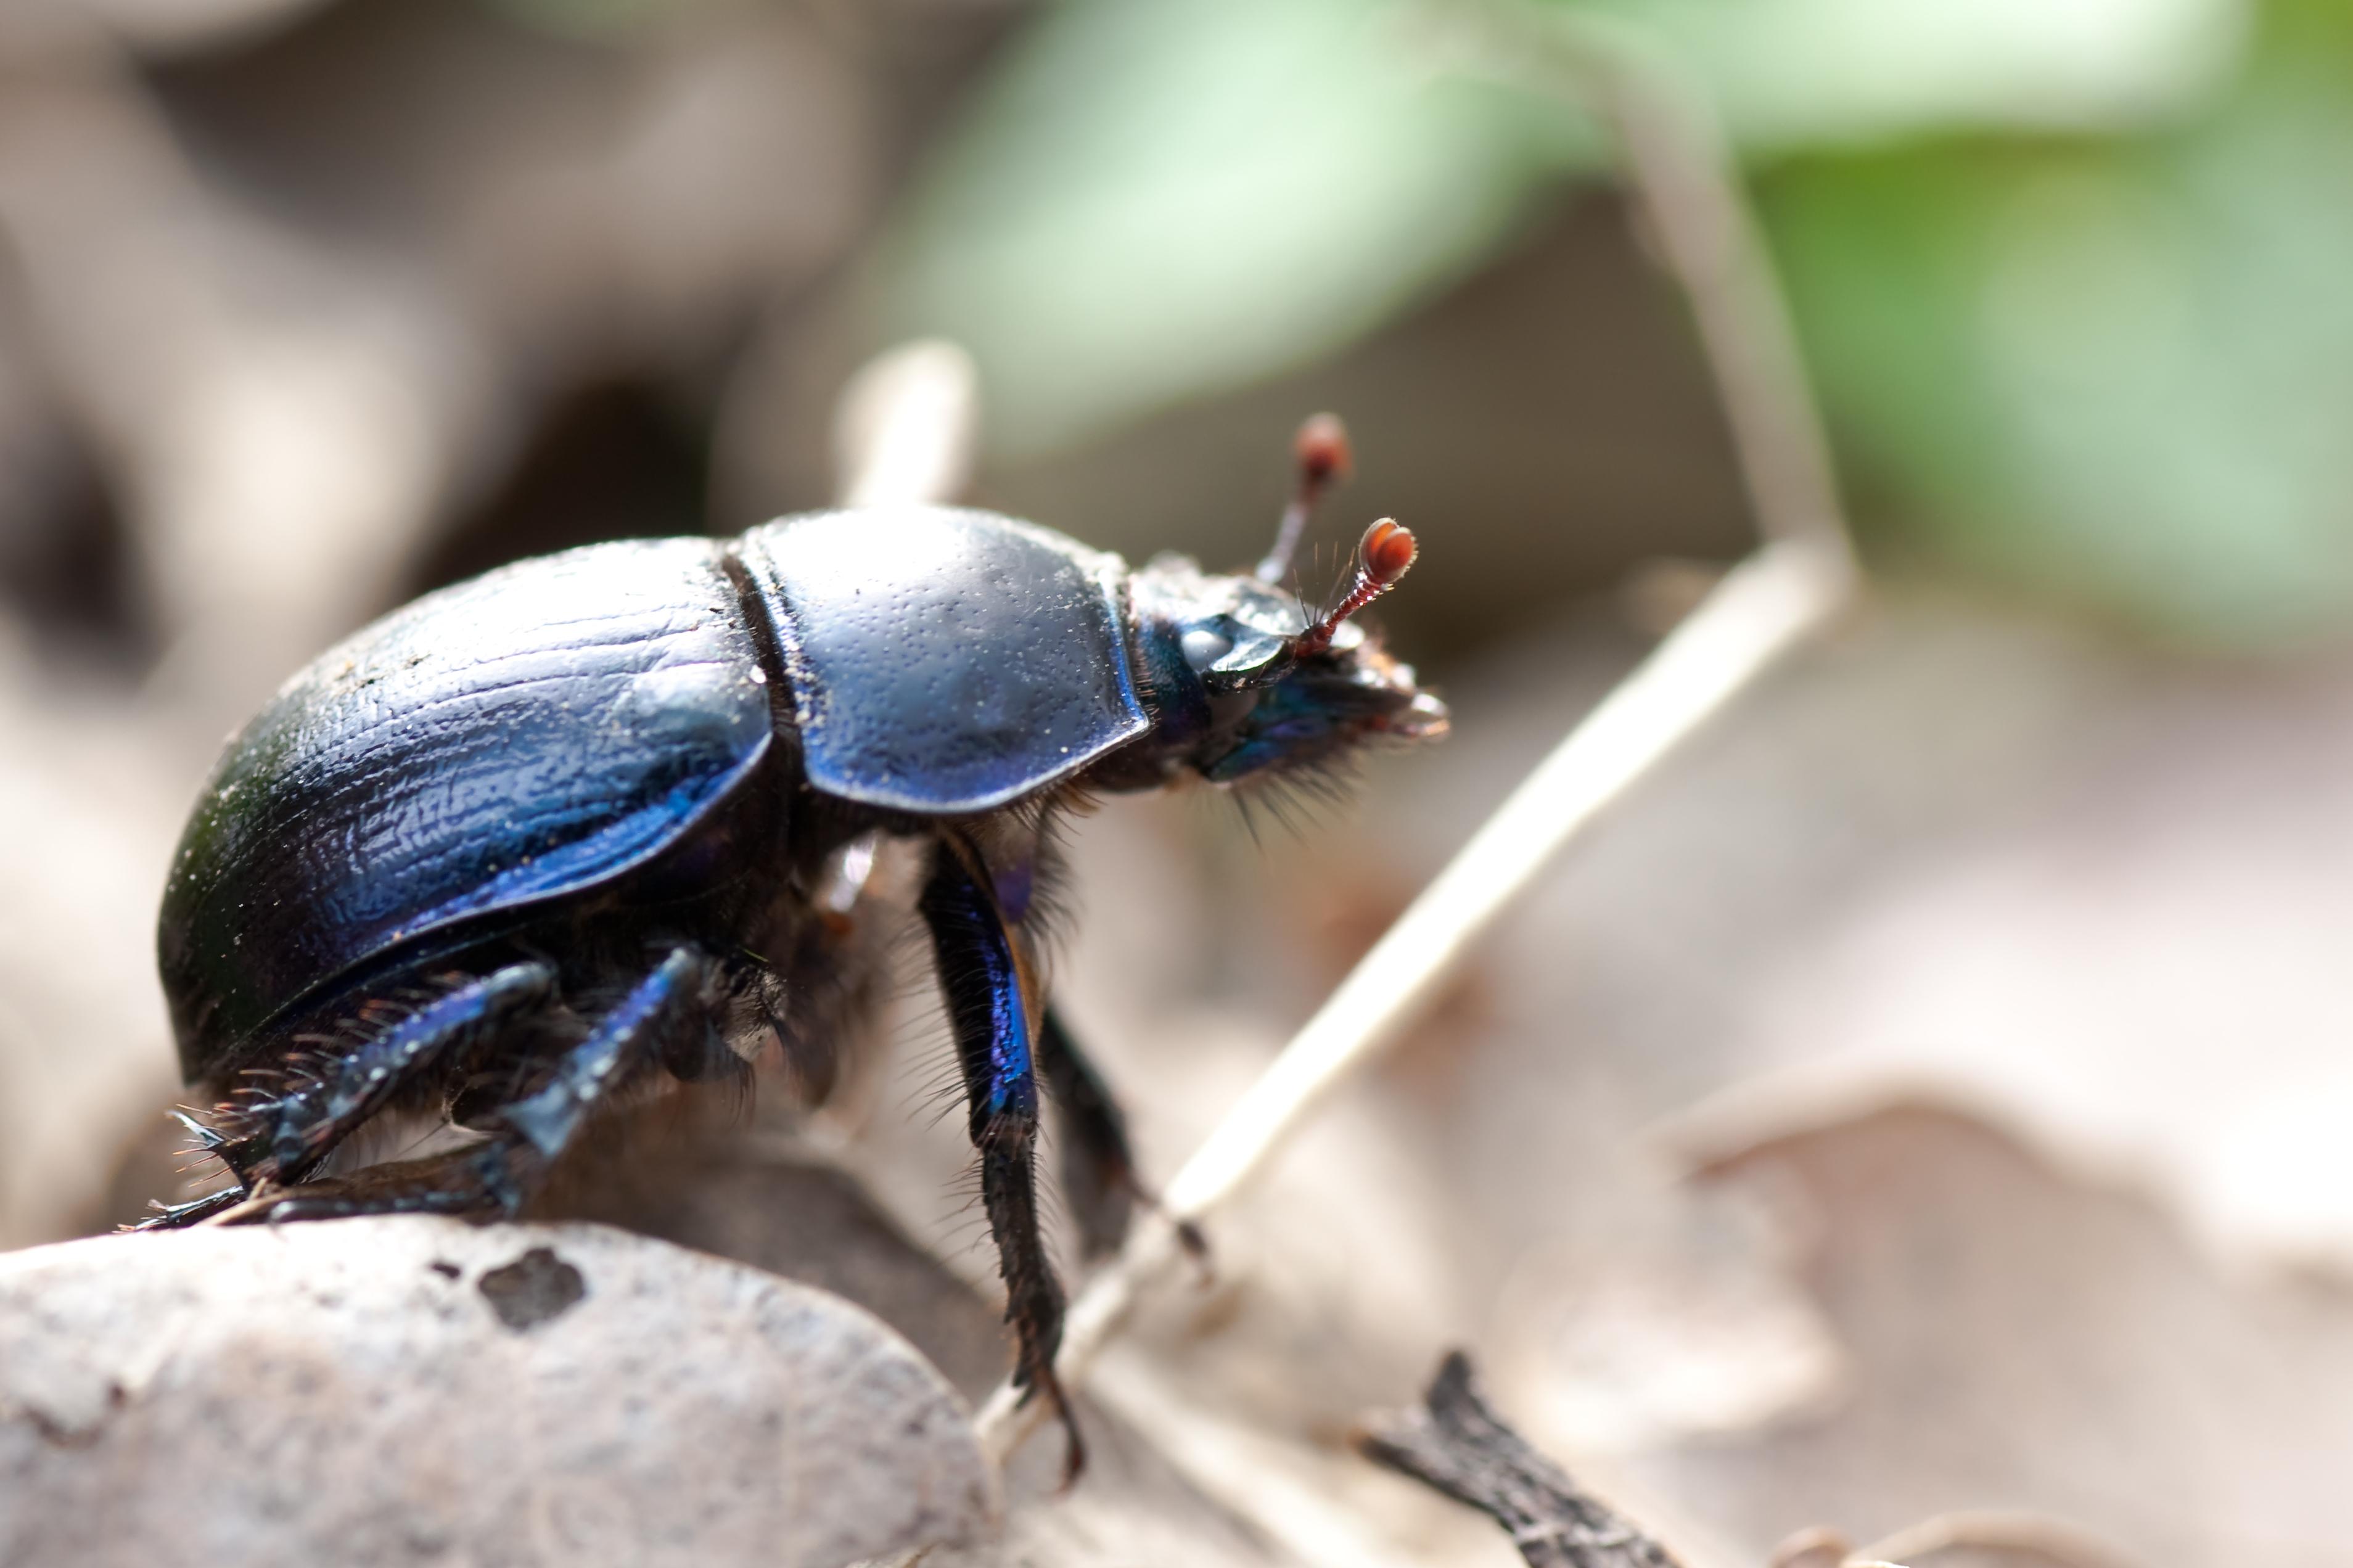 File:Anoplotrupes stercorosus 02 (MK).jpg.